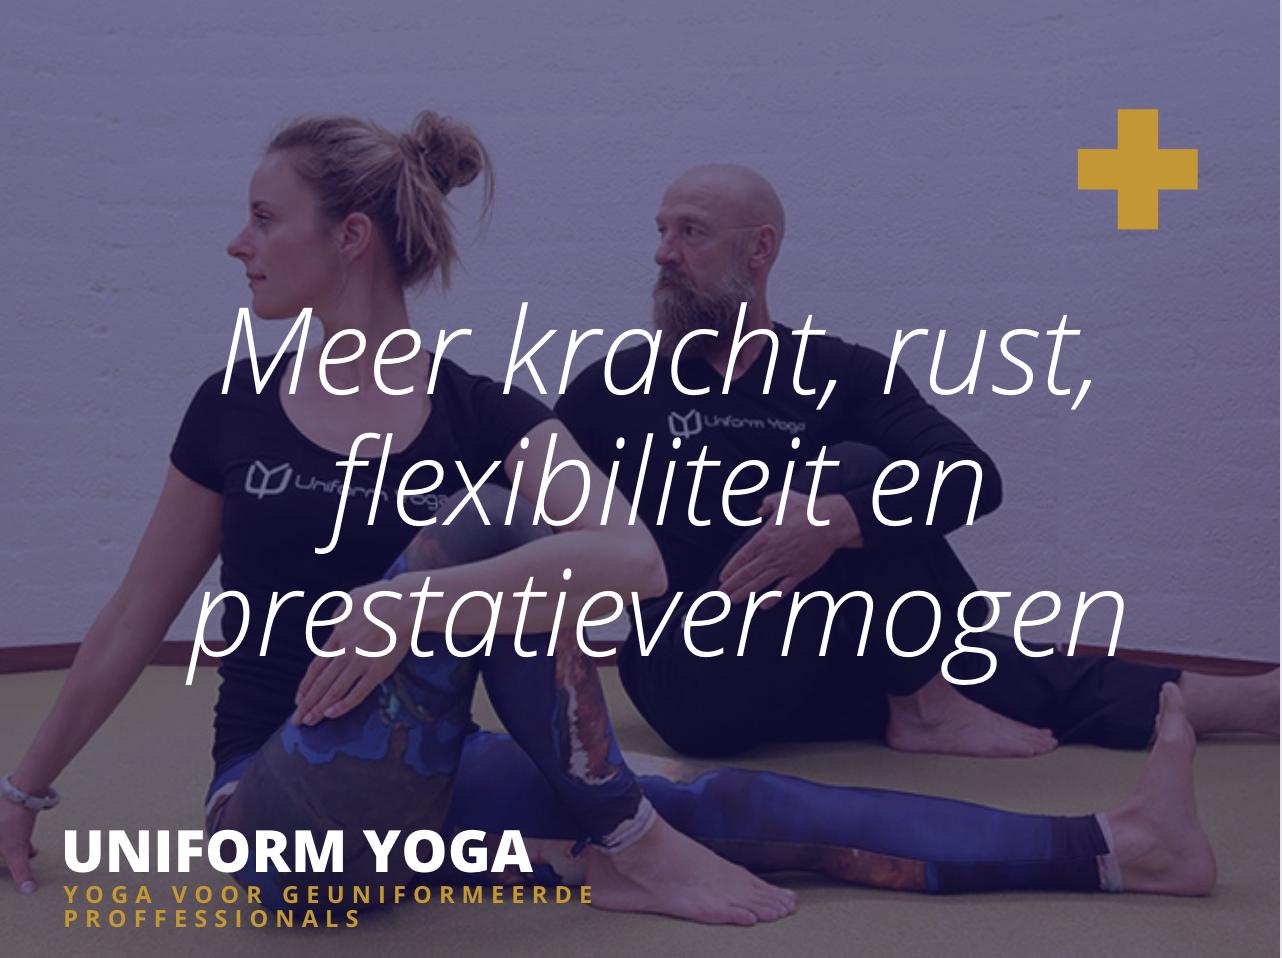 Uniform Yoga - onze uitrusting